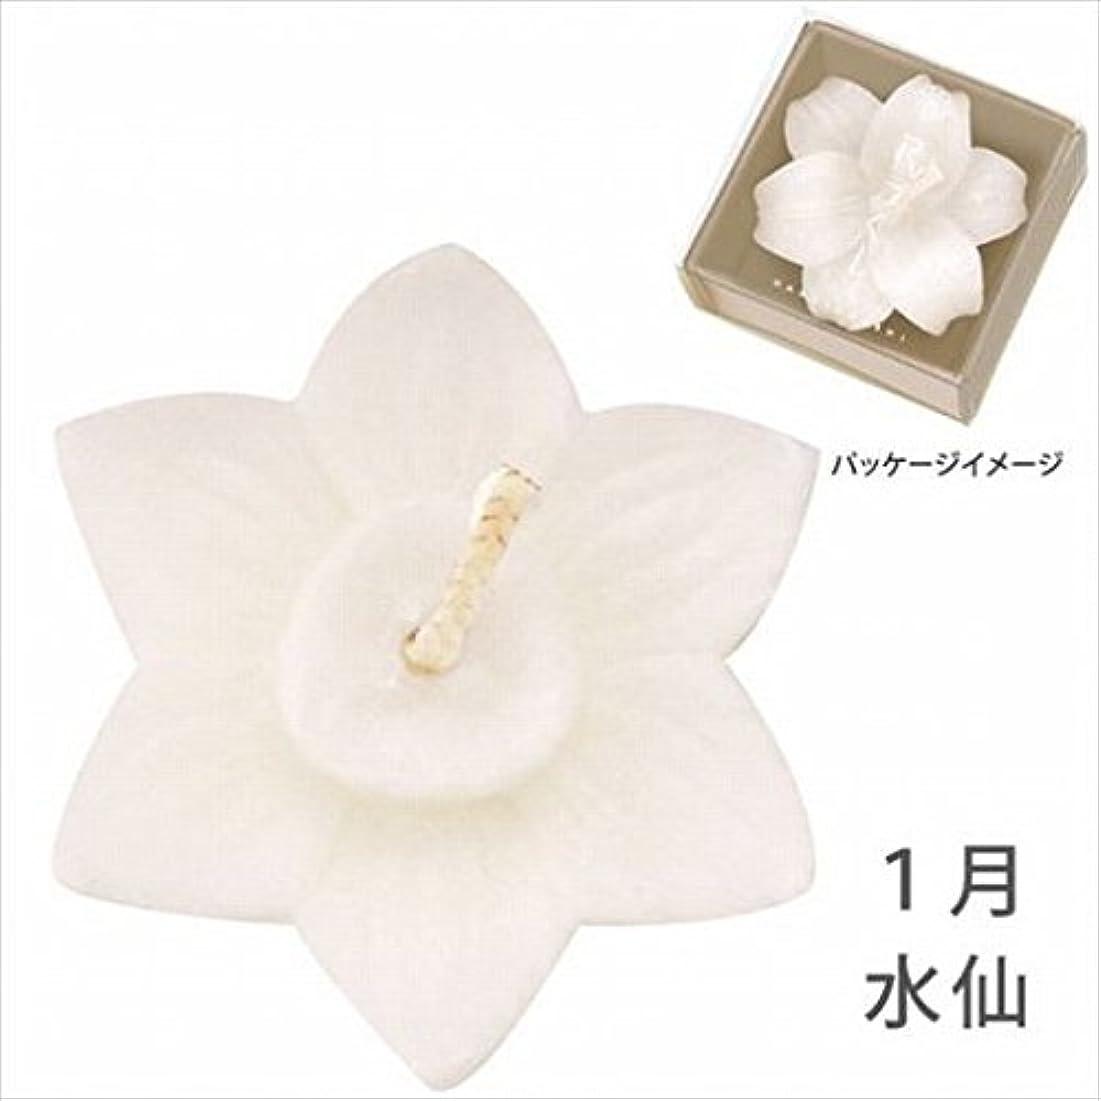 艶チャレンジシャンパンkameyama candle(カメヤマキャンドル) 花づくし(植物性) 水仙 「 水仙(1月) 」 キャンドル(A4620530)